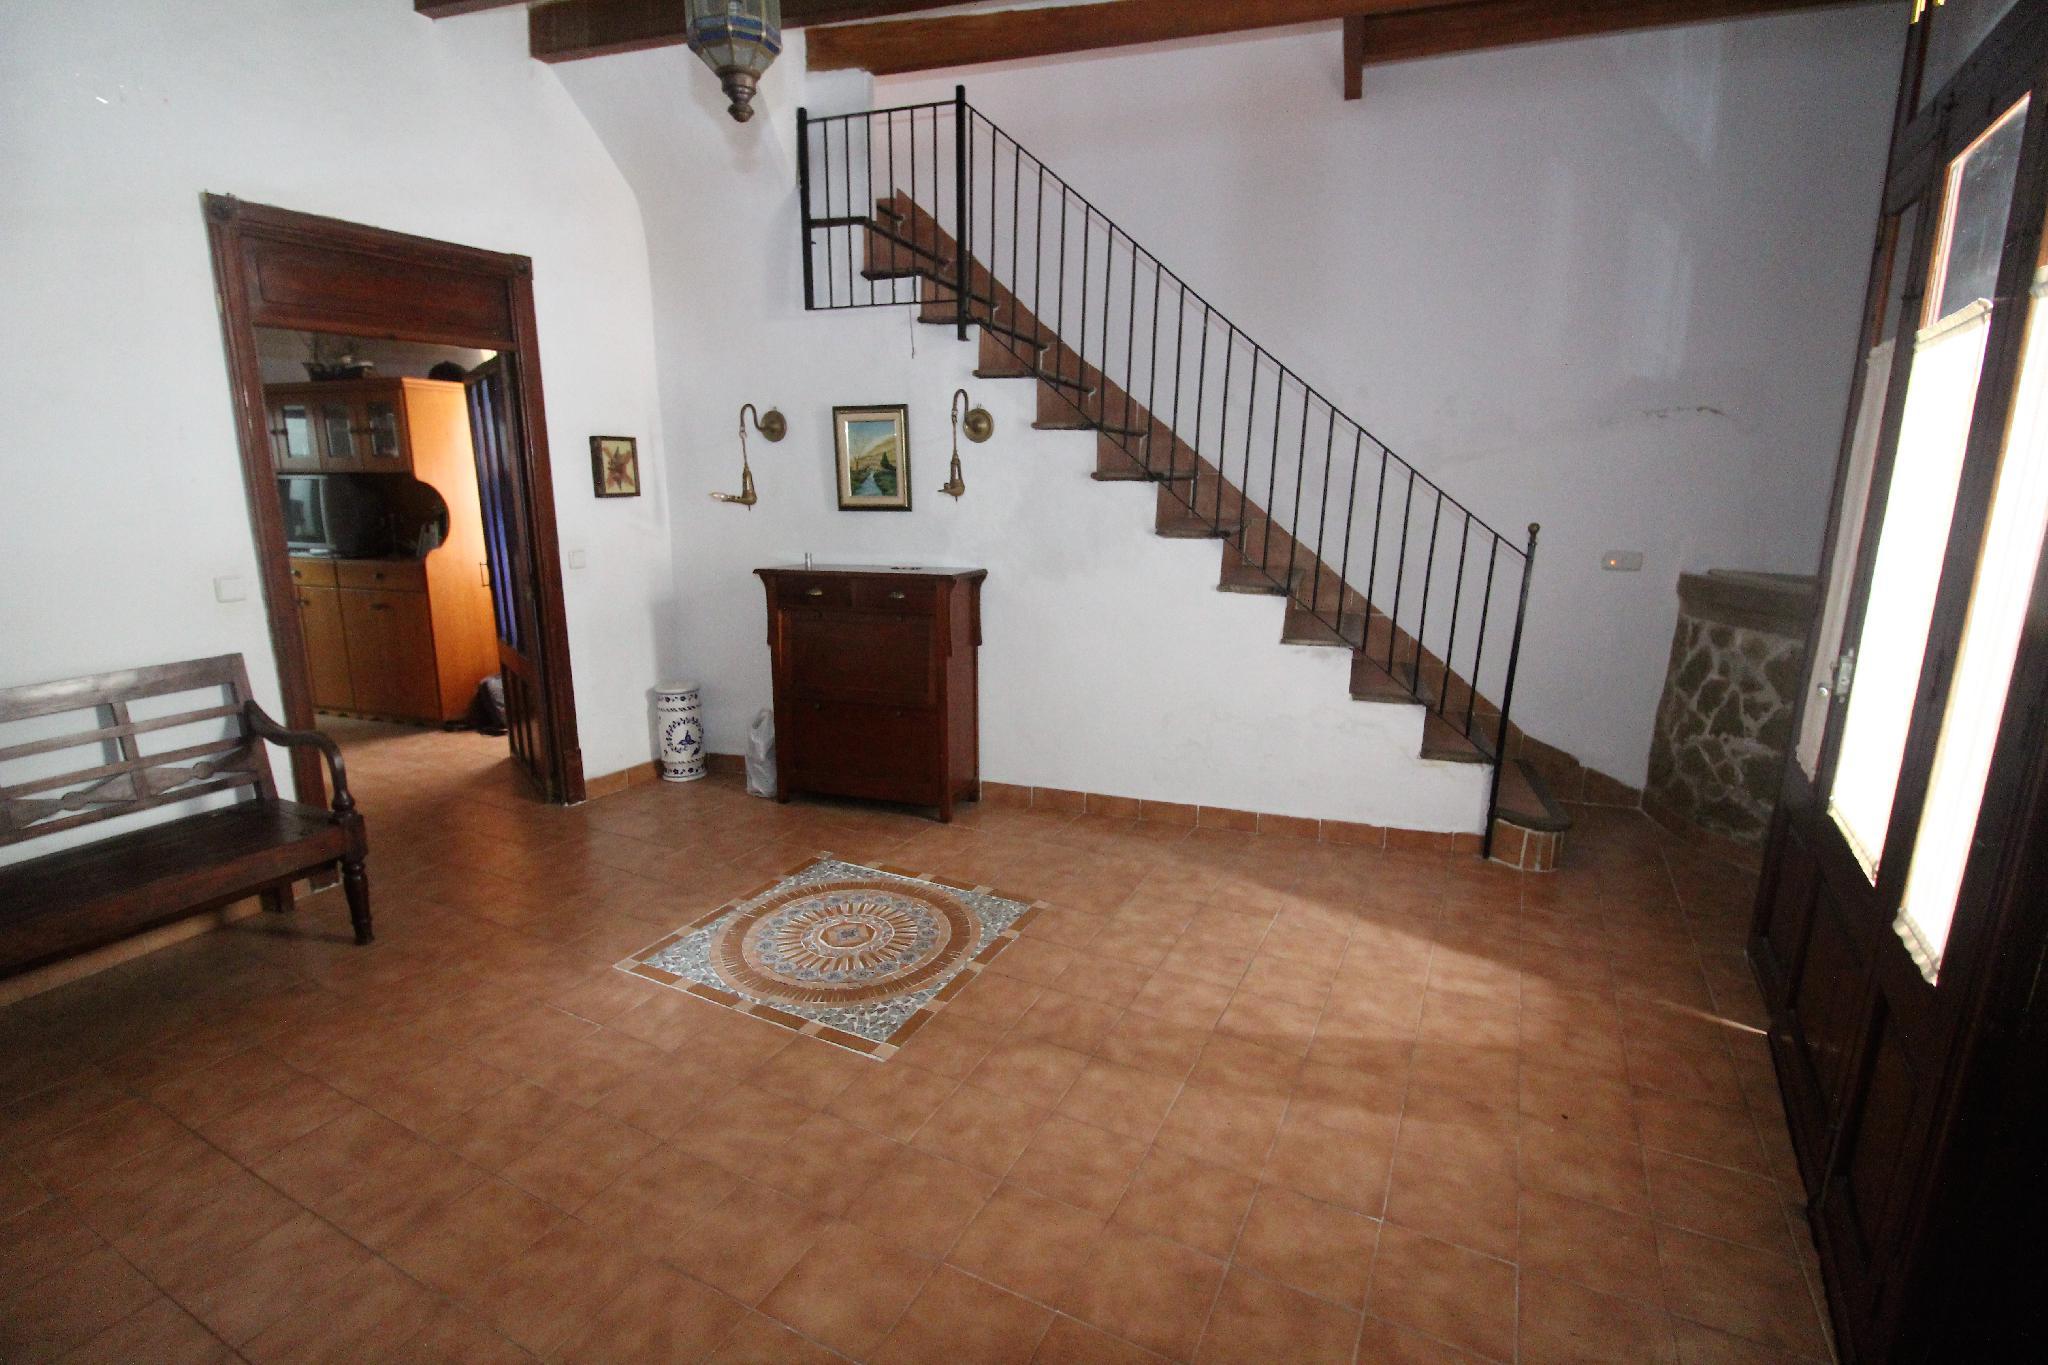 215142 - Inca (Centro)......